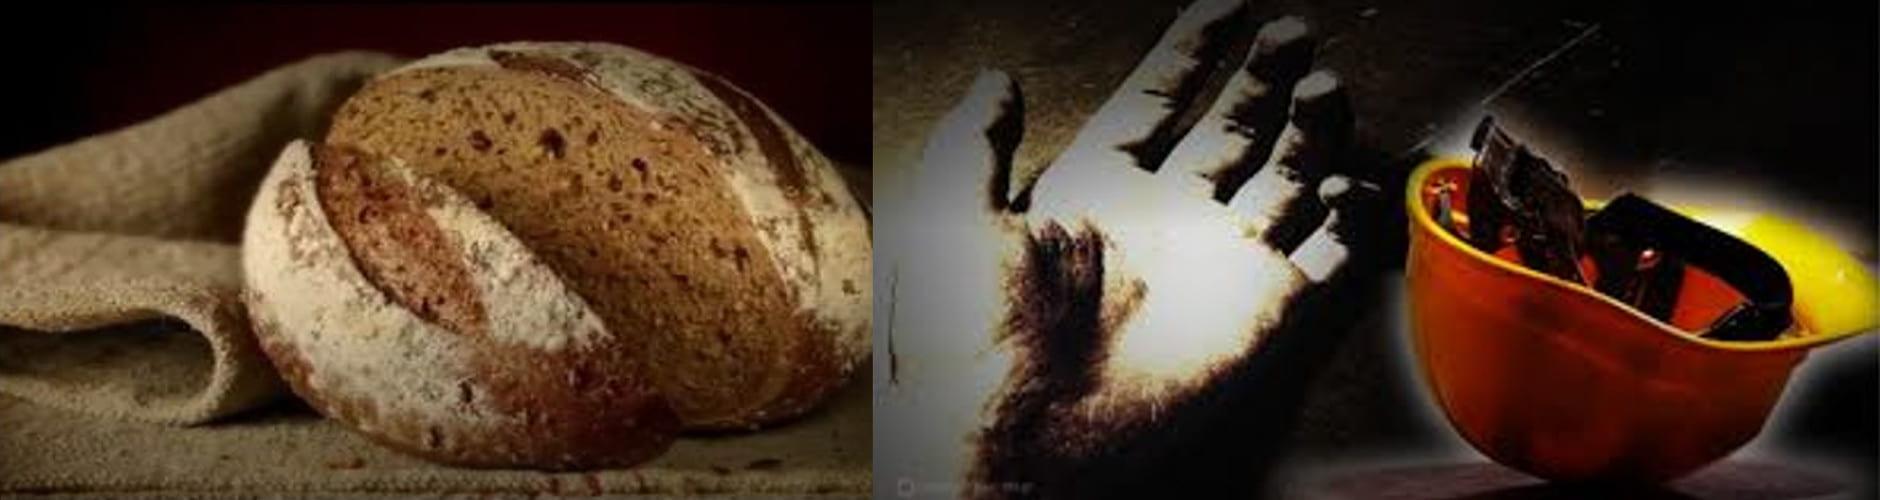 Για ένα κομμάτι ψωμί, δε φτάνει μόνο η δουλειά